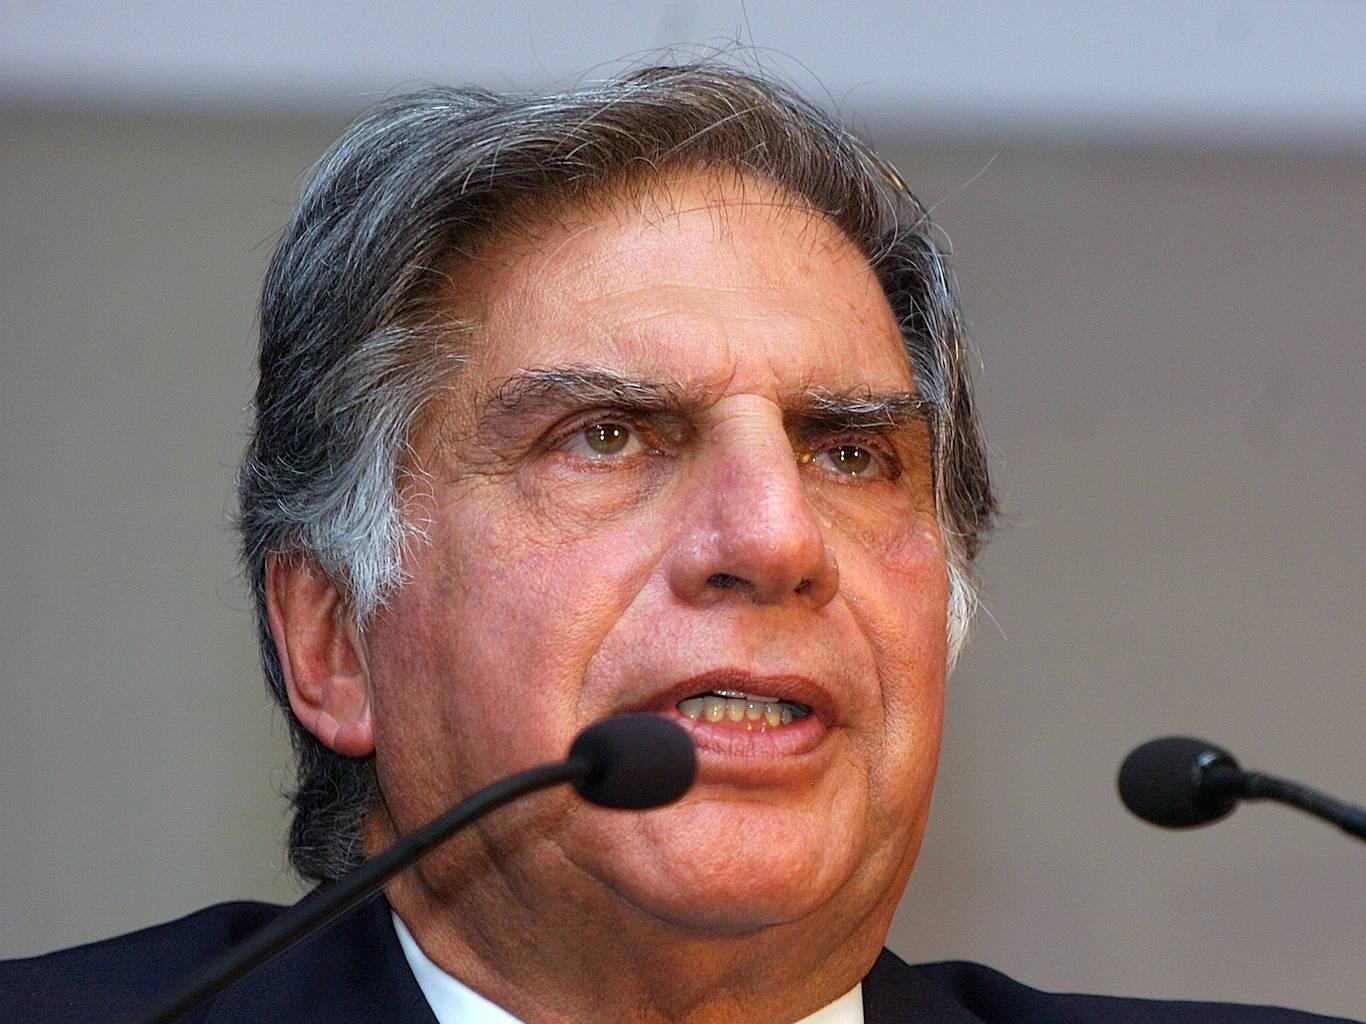 Ratan Tata Bitkoinų Investicijos